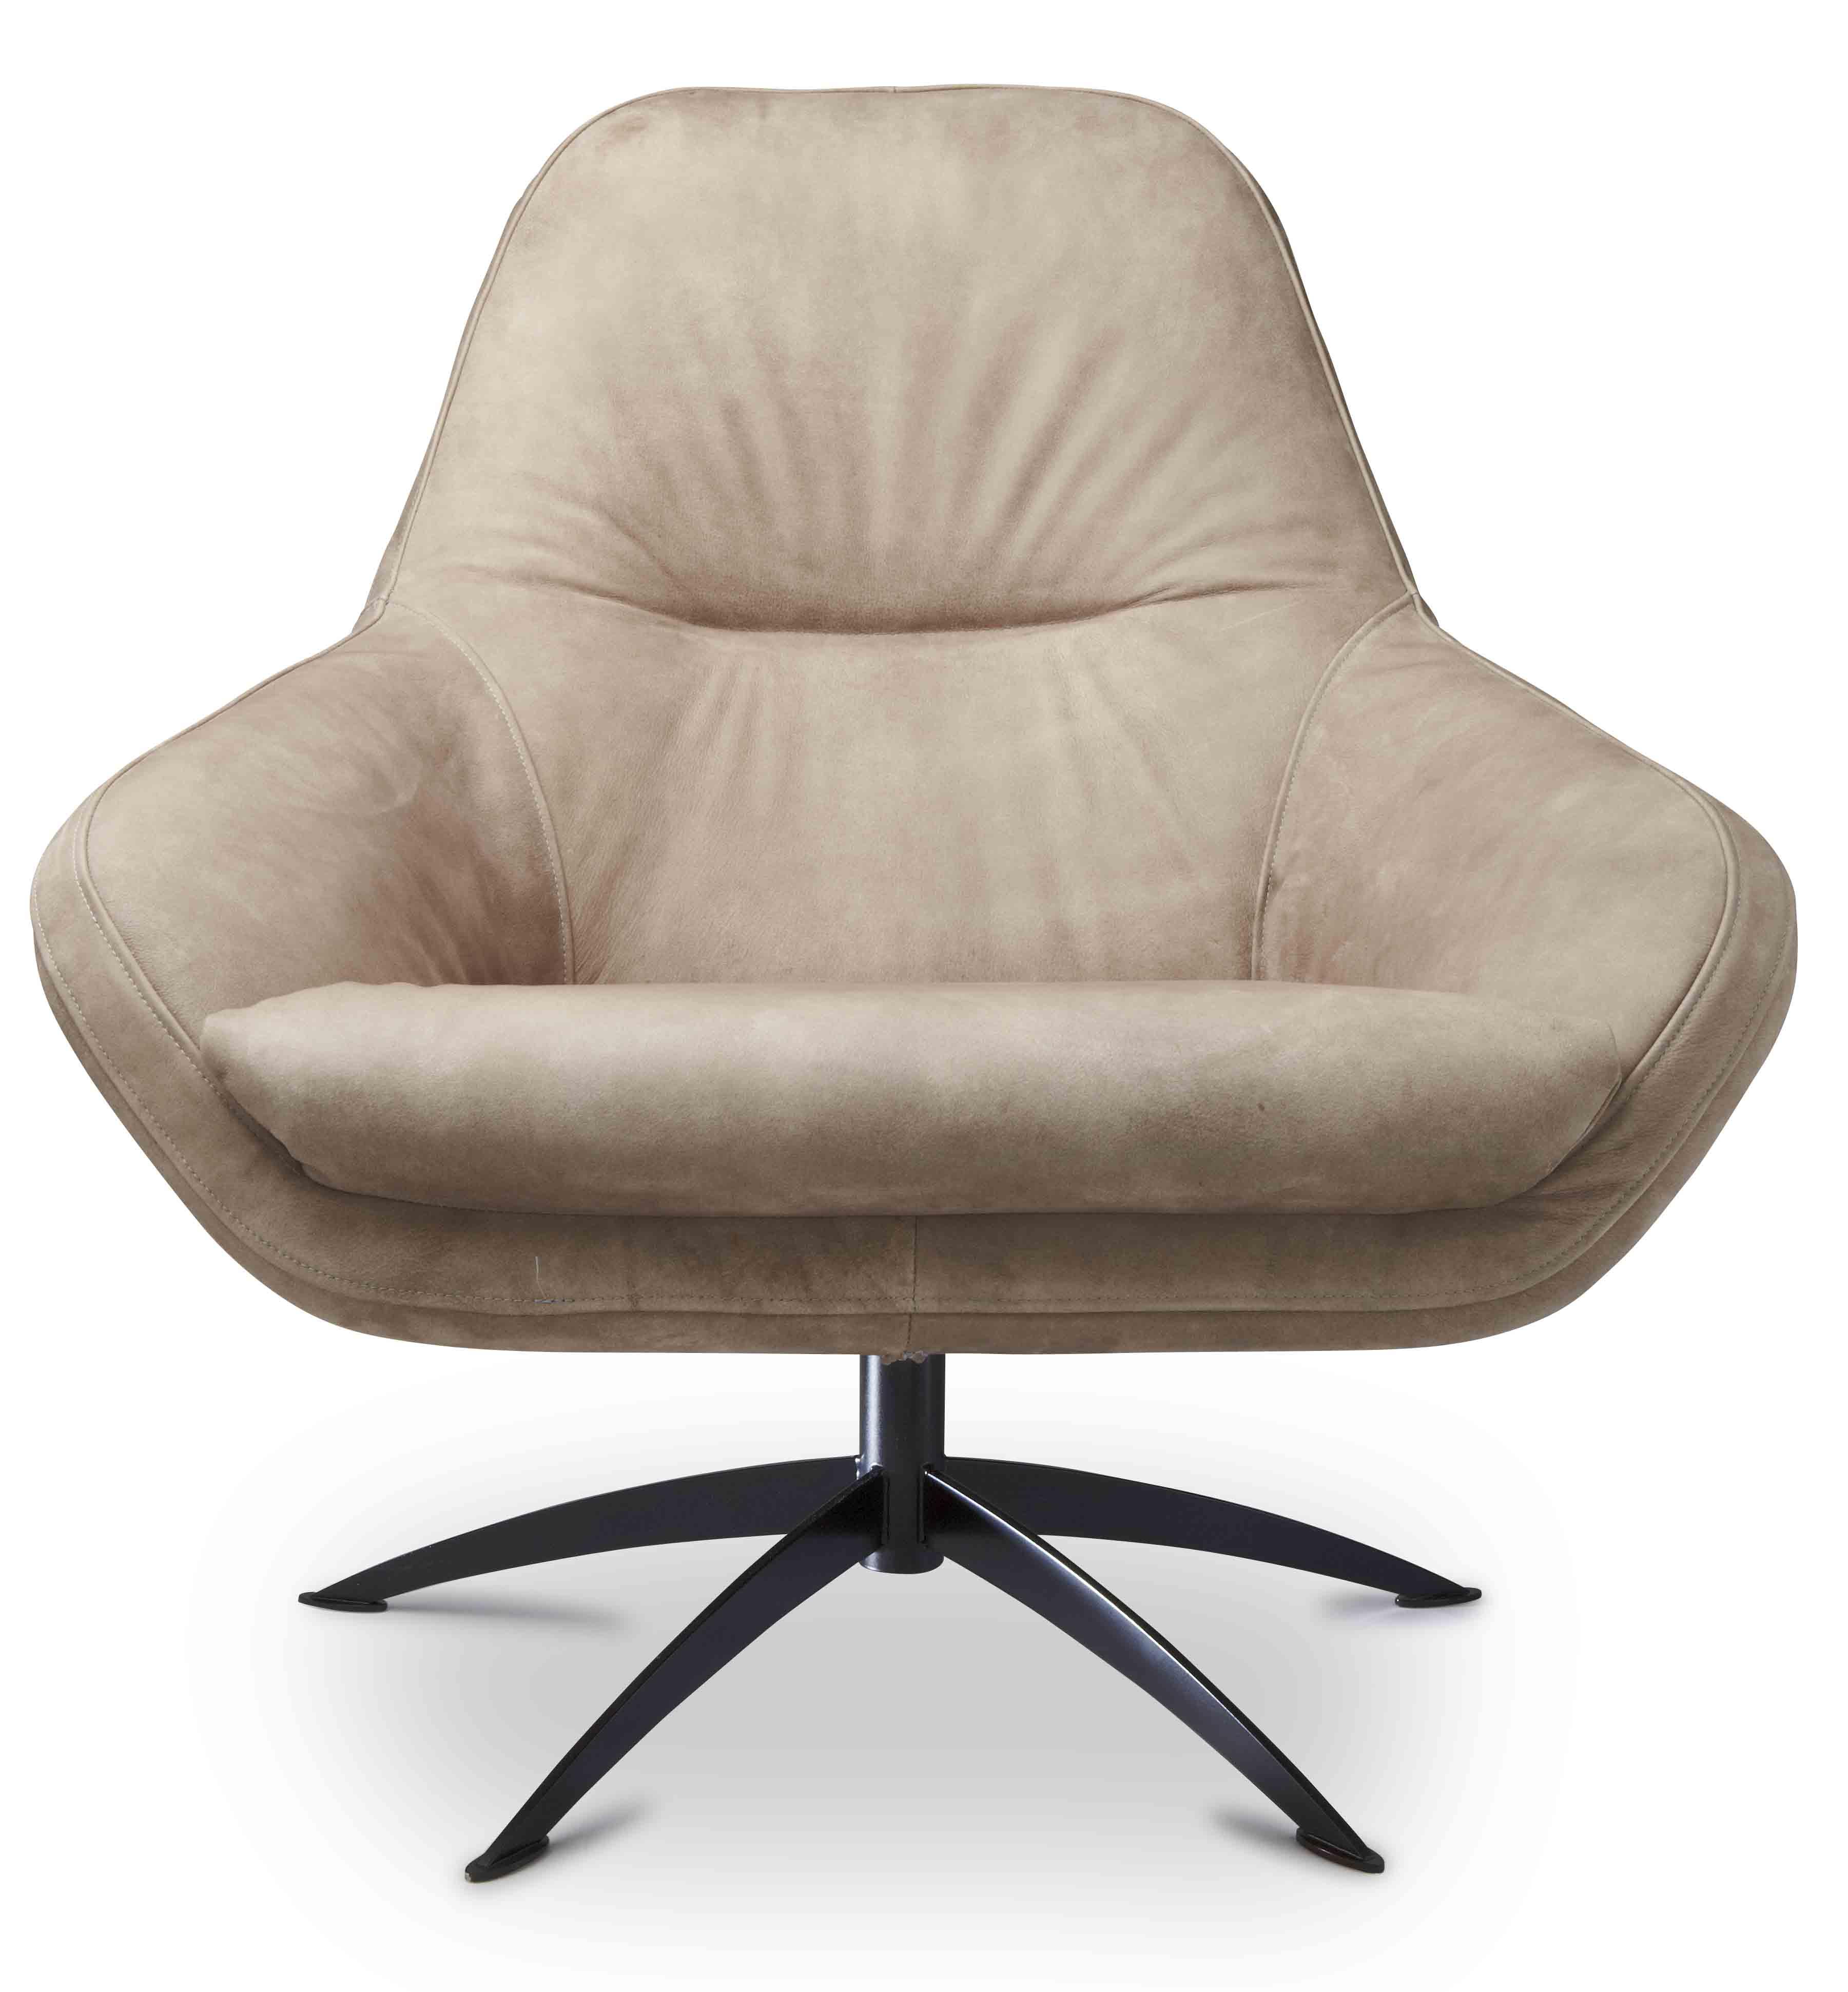 specter-fauteuil-voor-leer-kenia